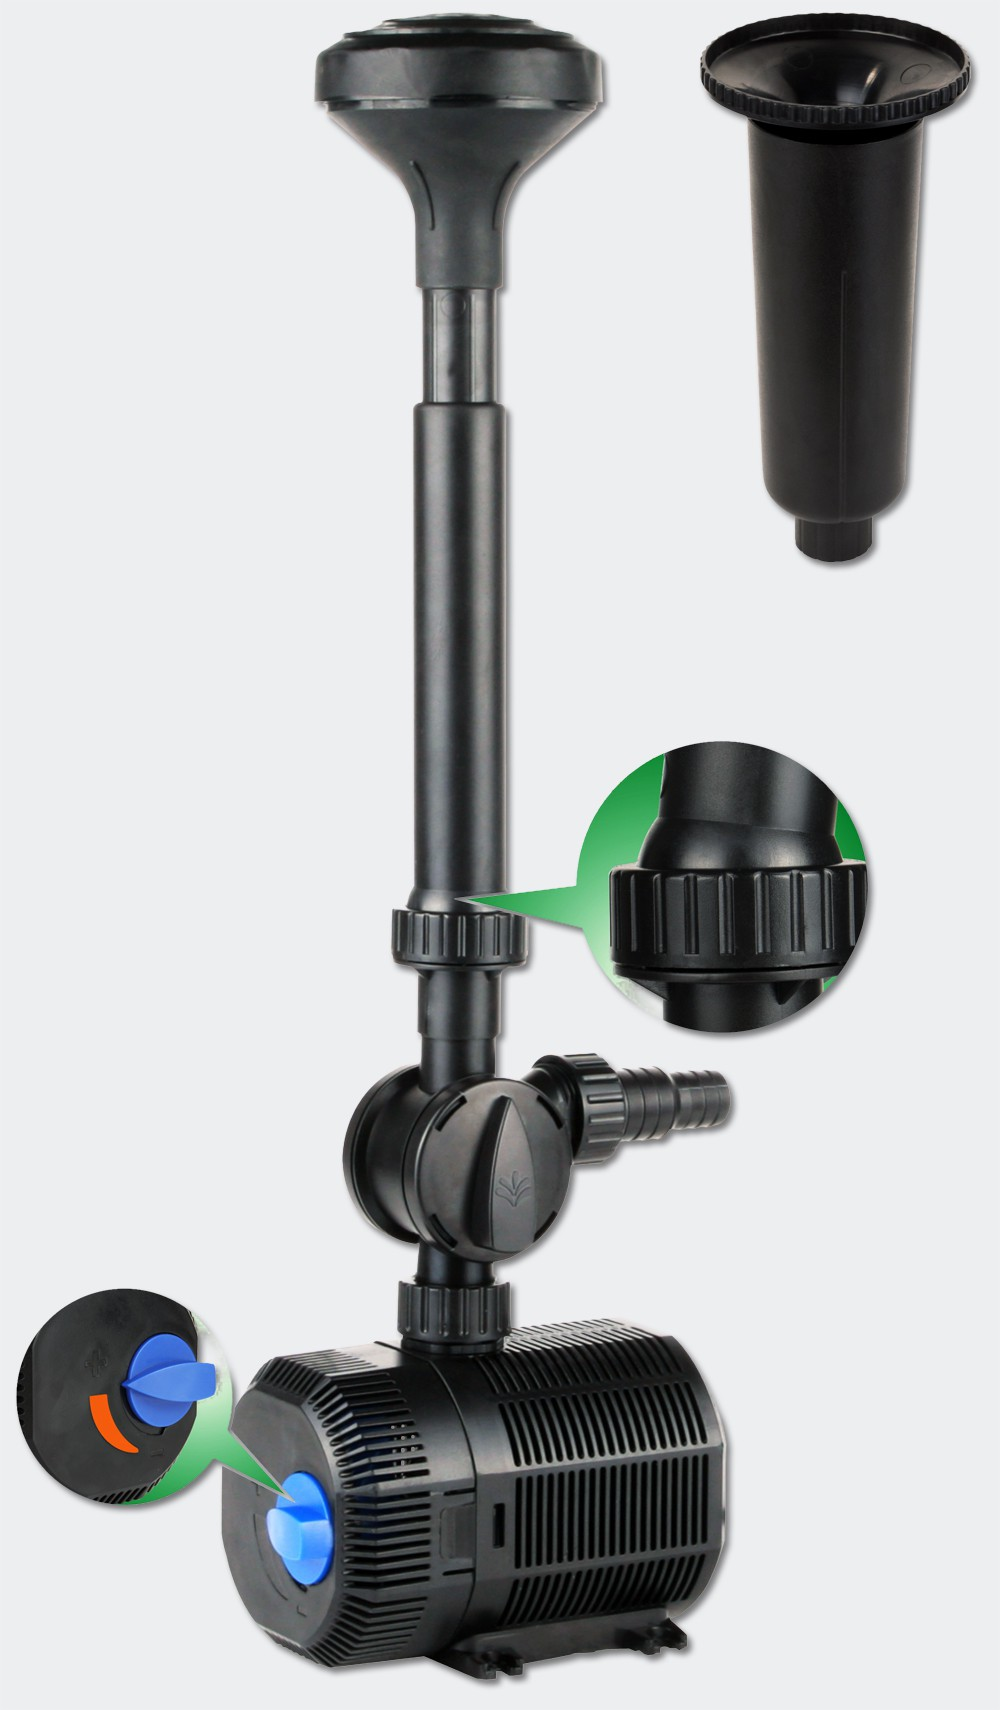 Pompe pour petite fontaine 2300 l/h : Garantie 1 an